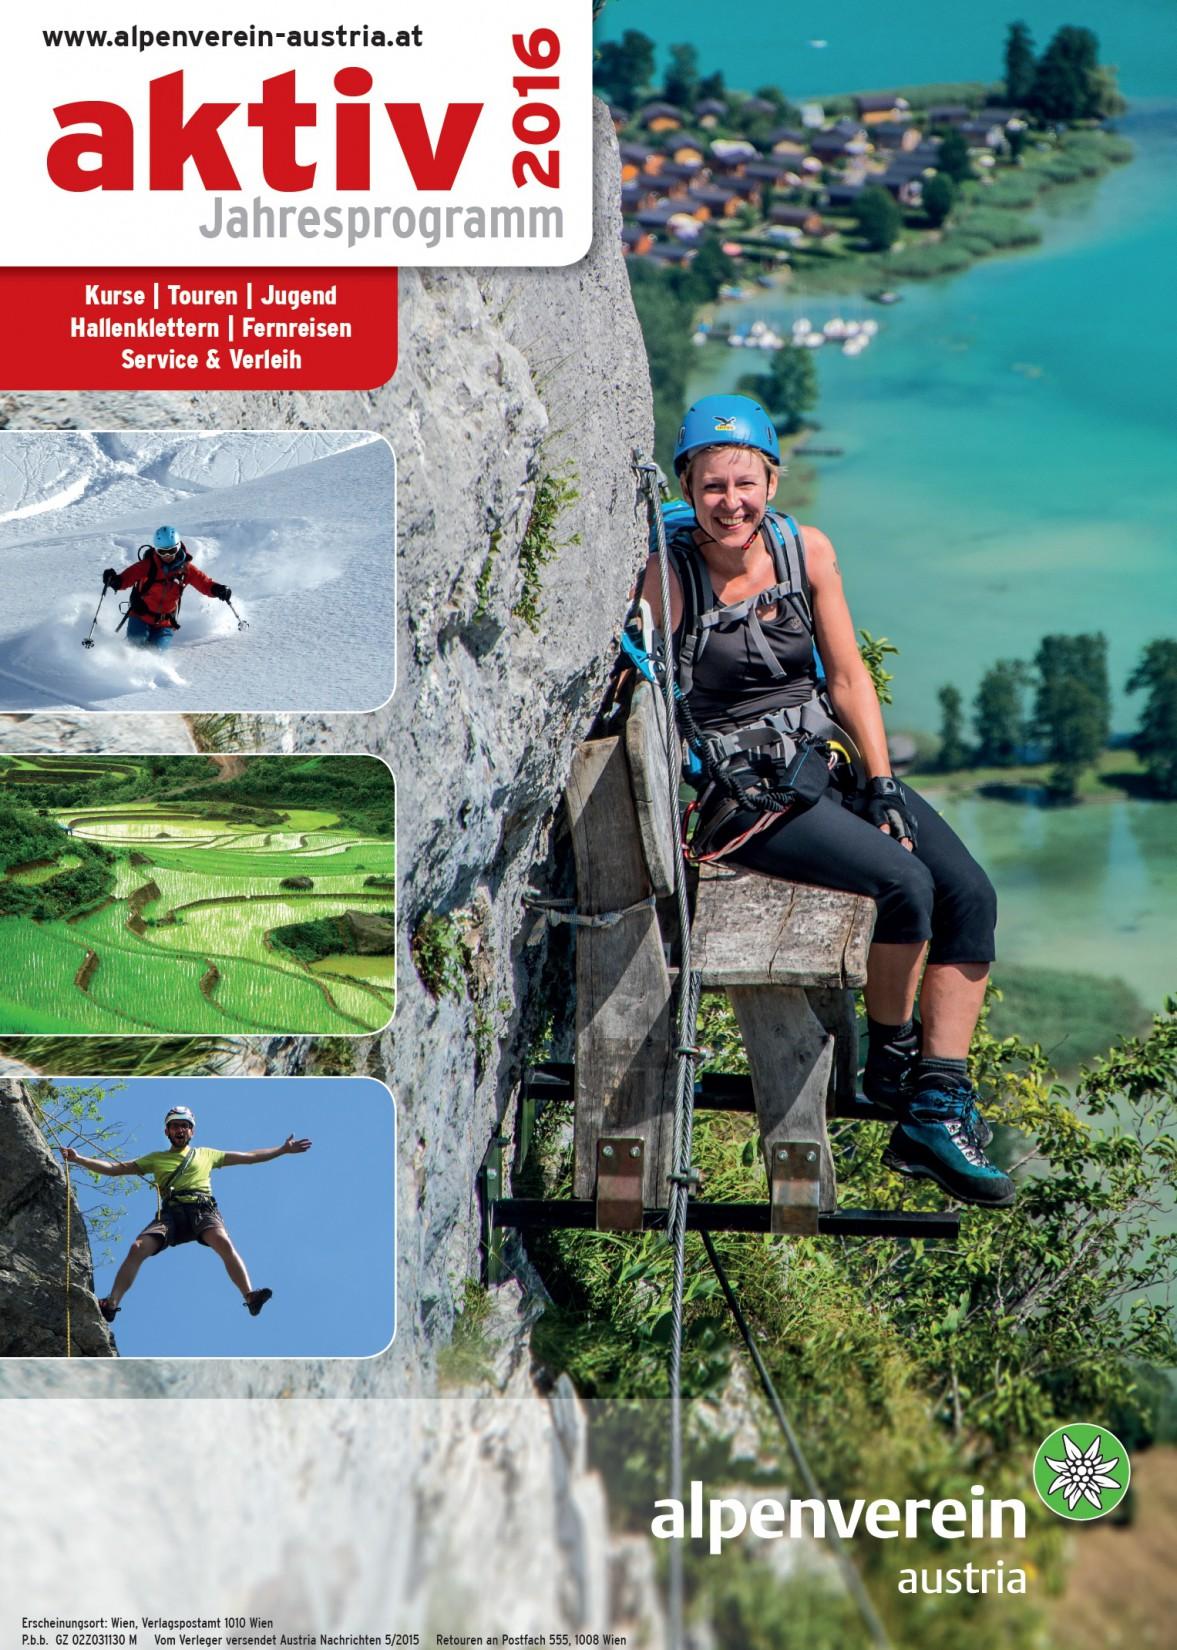 Aktiv 2016 - Touren und Kurse sind online